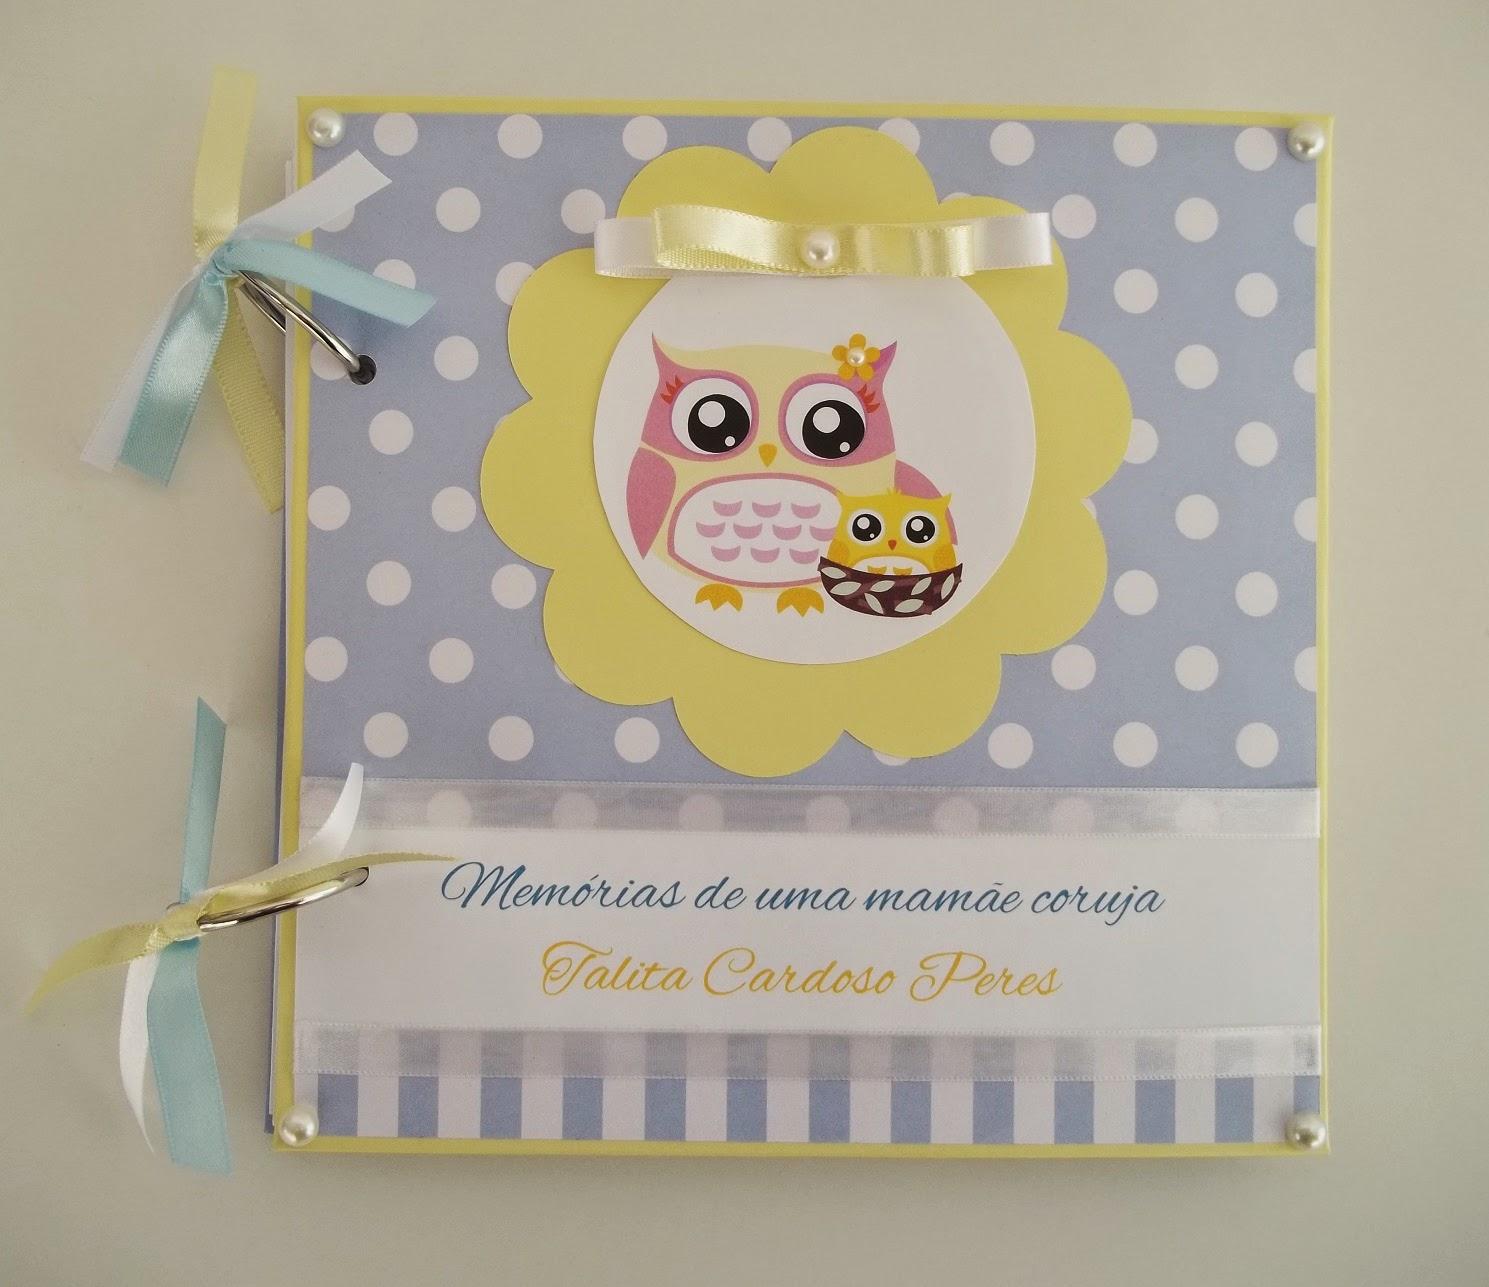 enxoval  coruja, enxoval corujinha, diário gravidez scrapbook gravidez azul e amarelo